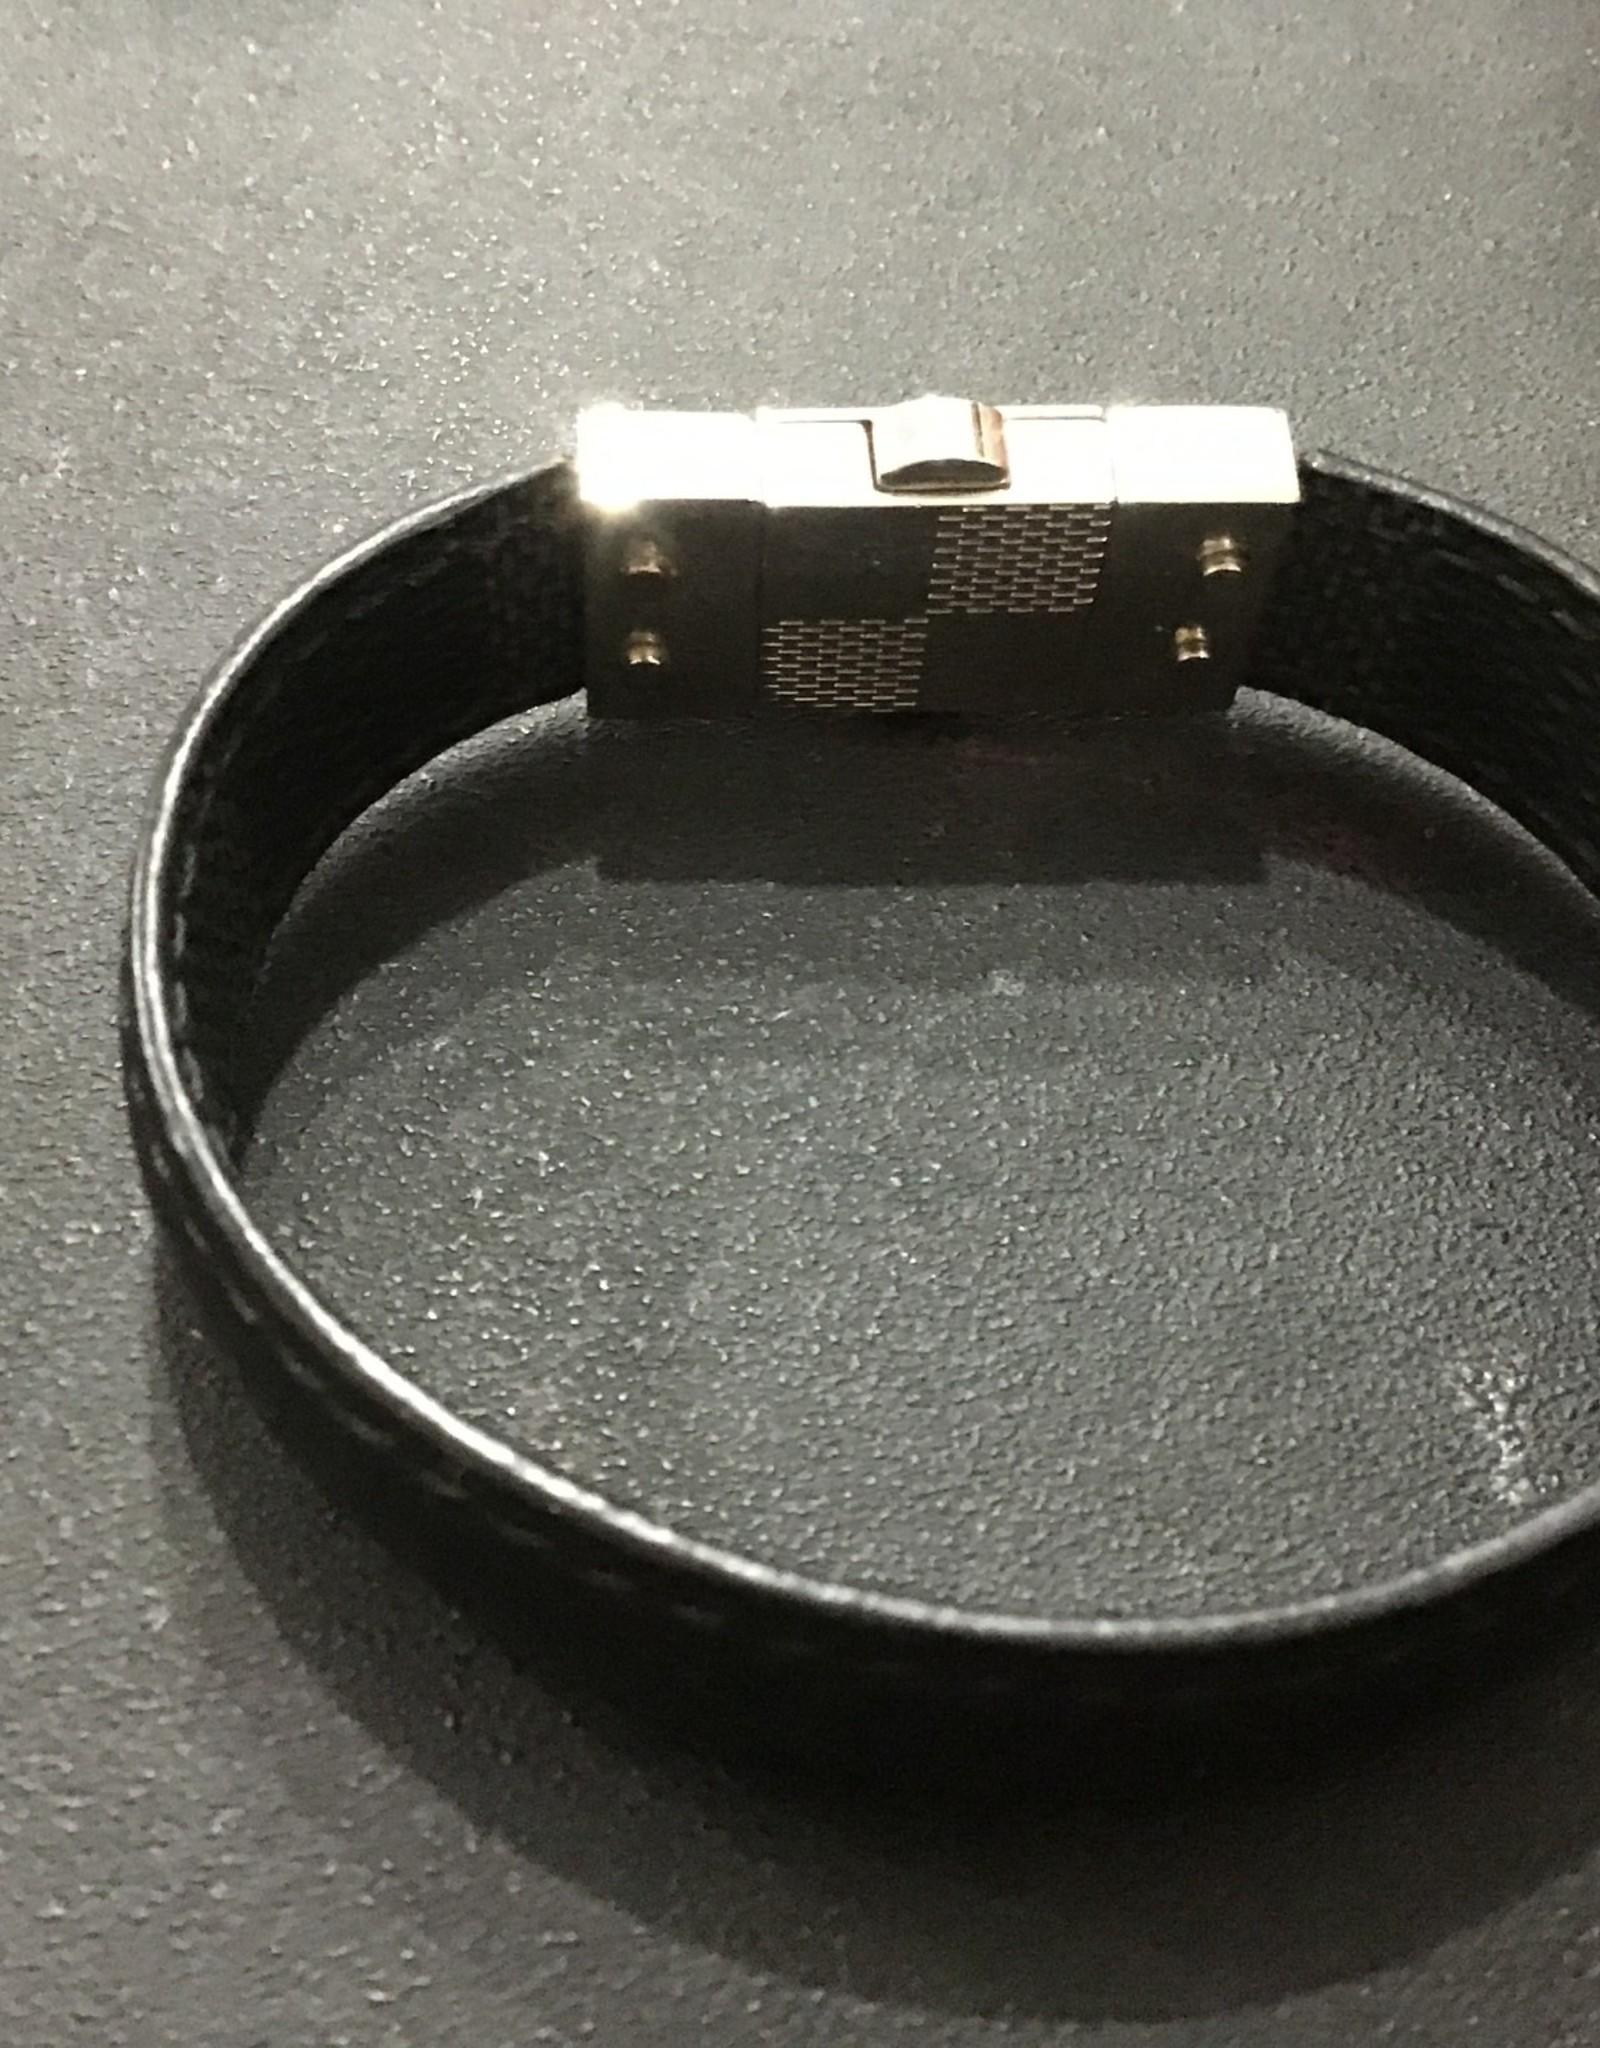 Louis Vuitton Louis Vuitton Black leather bracelet